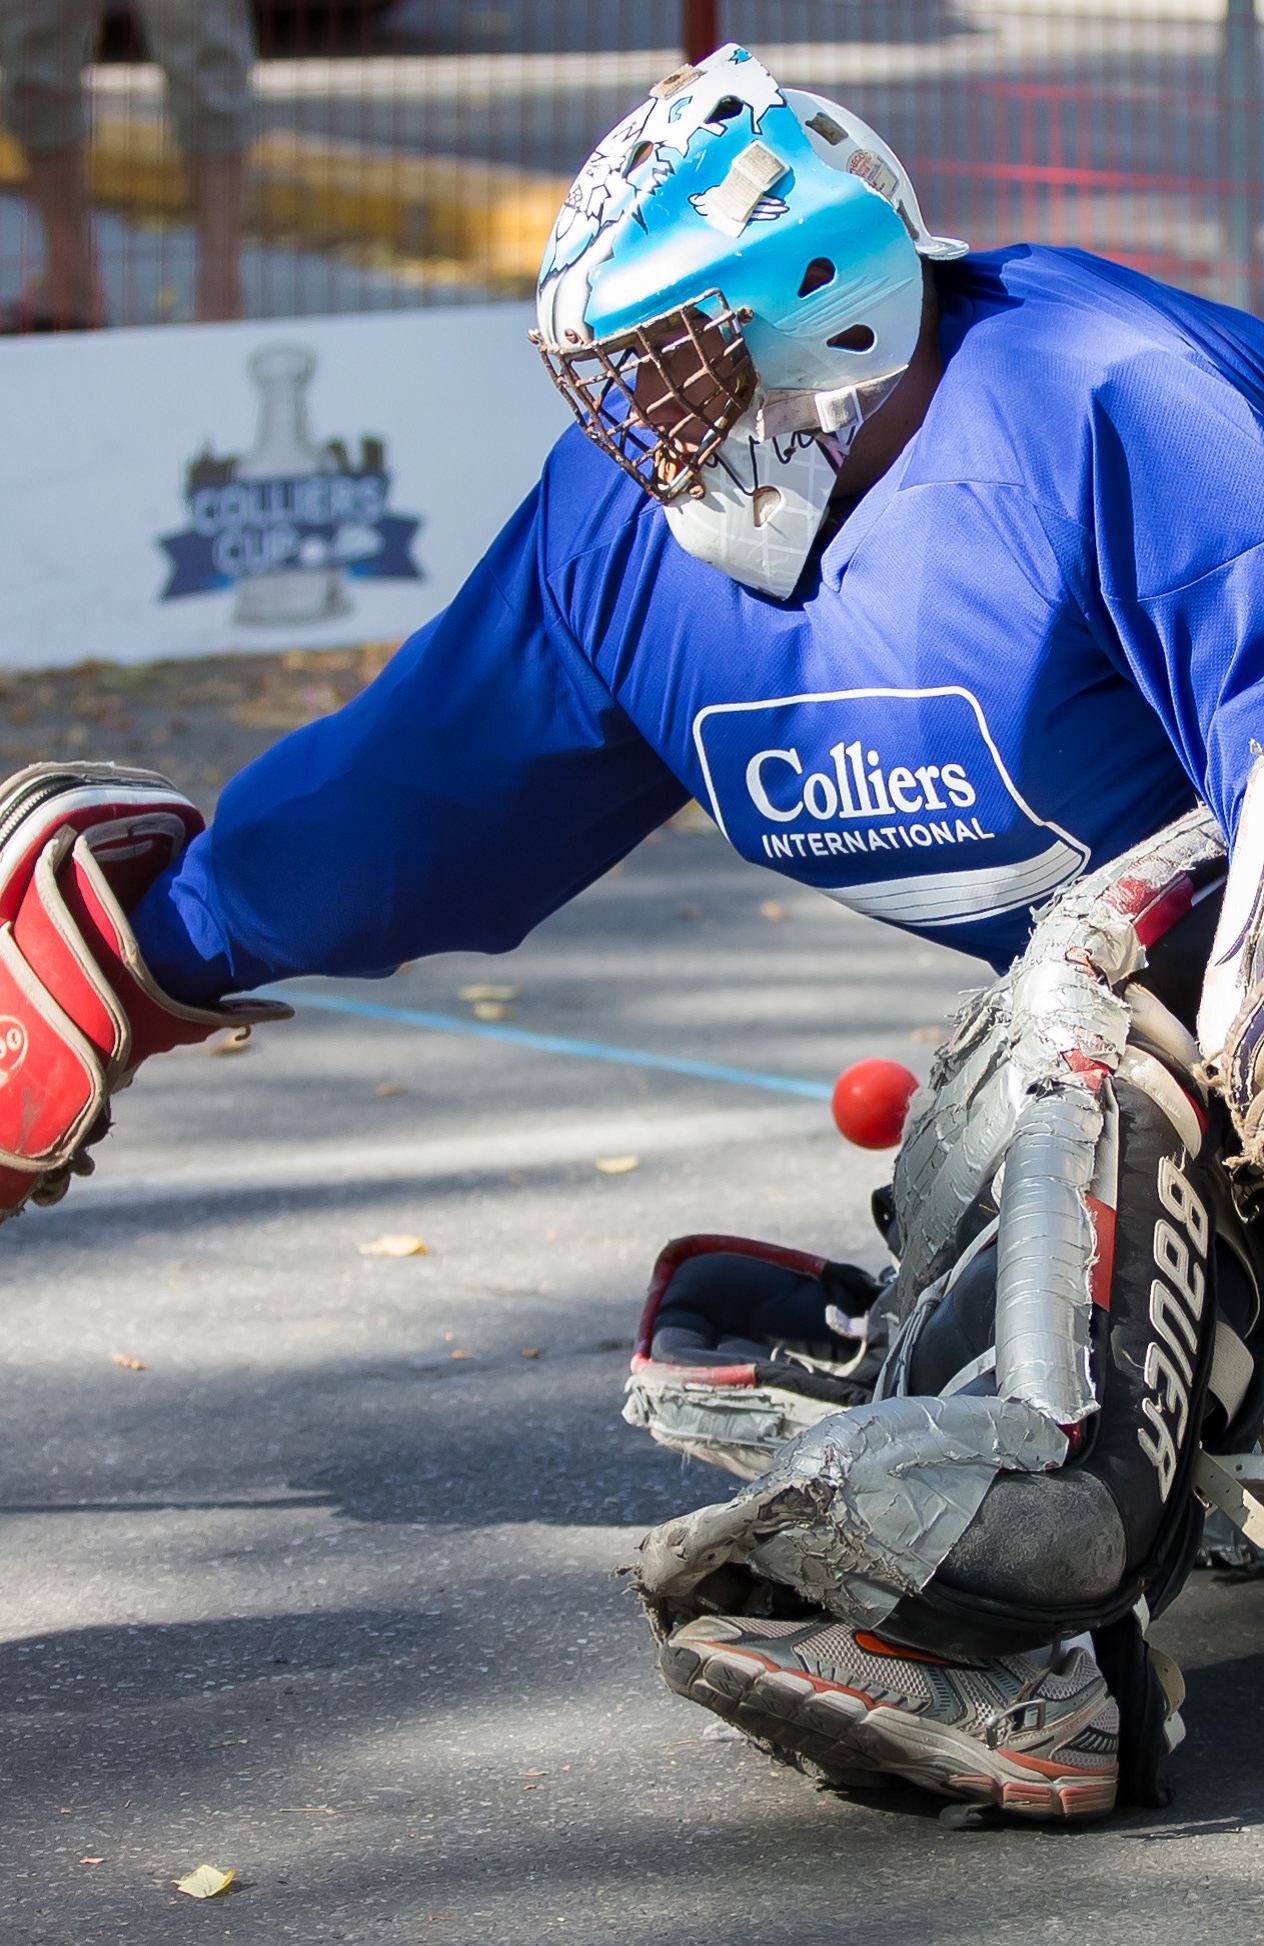 Street Hockey Raises Money for Children's Hospital | Country